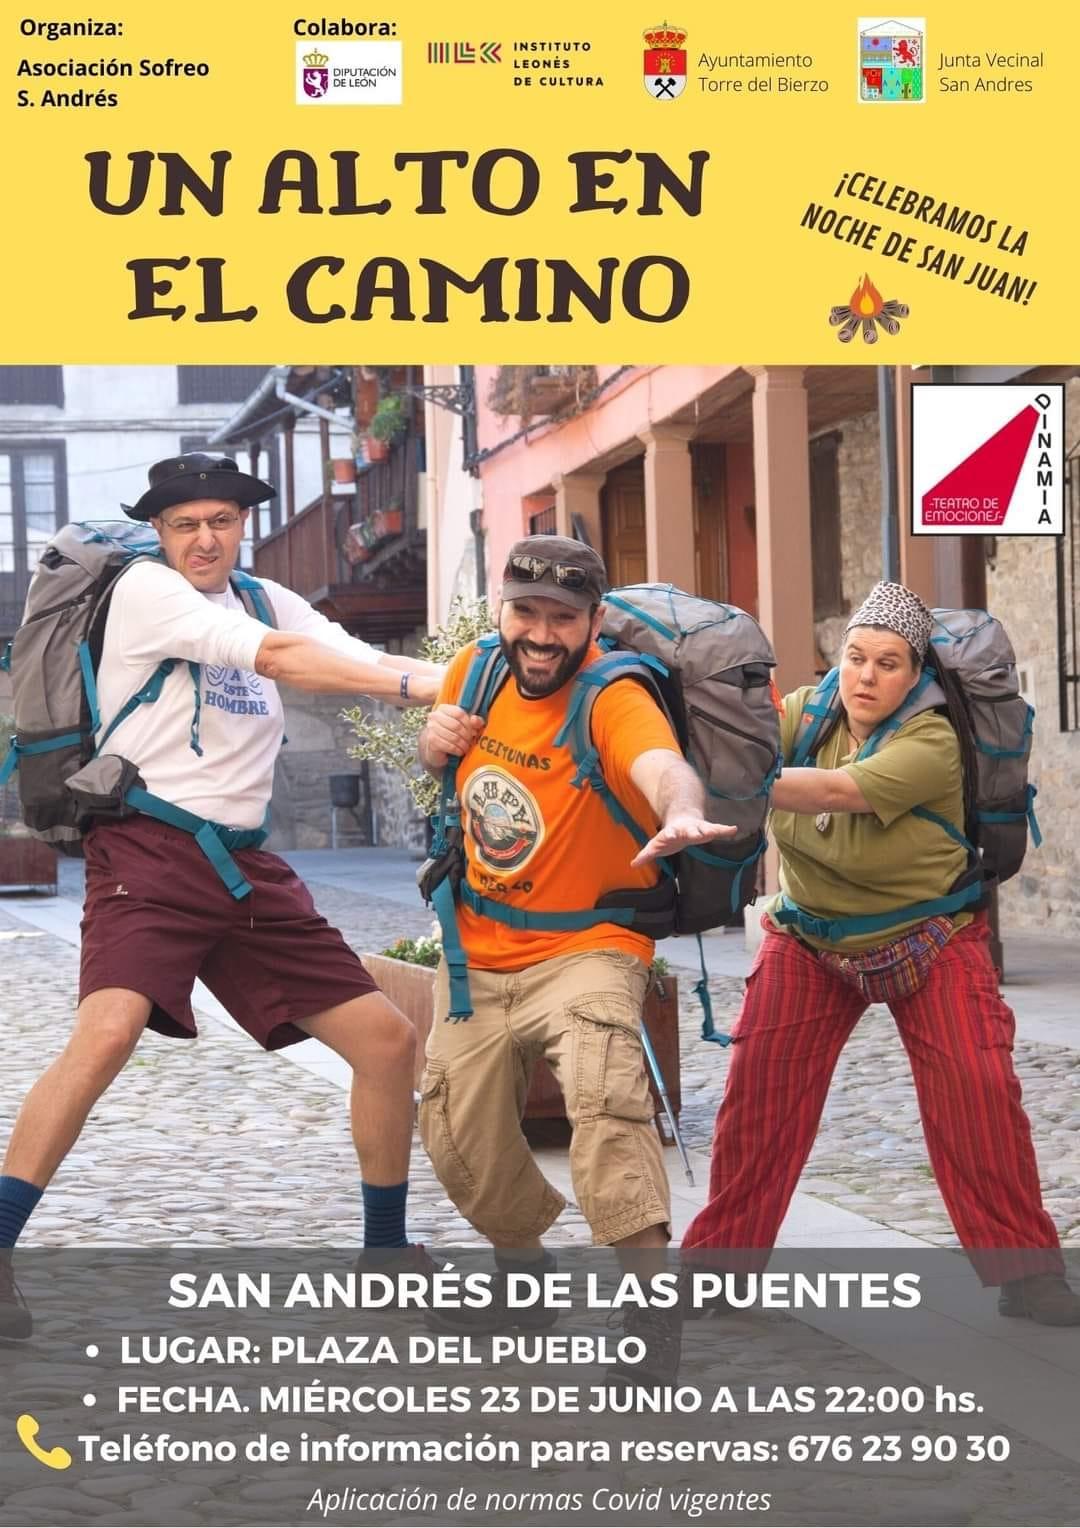 Qué puedes hacer la noche de San Juan 2021 en el Bierzo 10